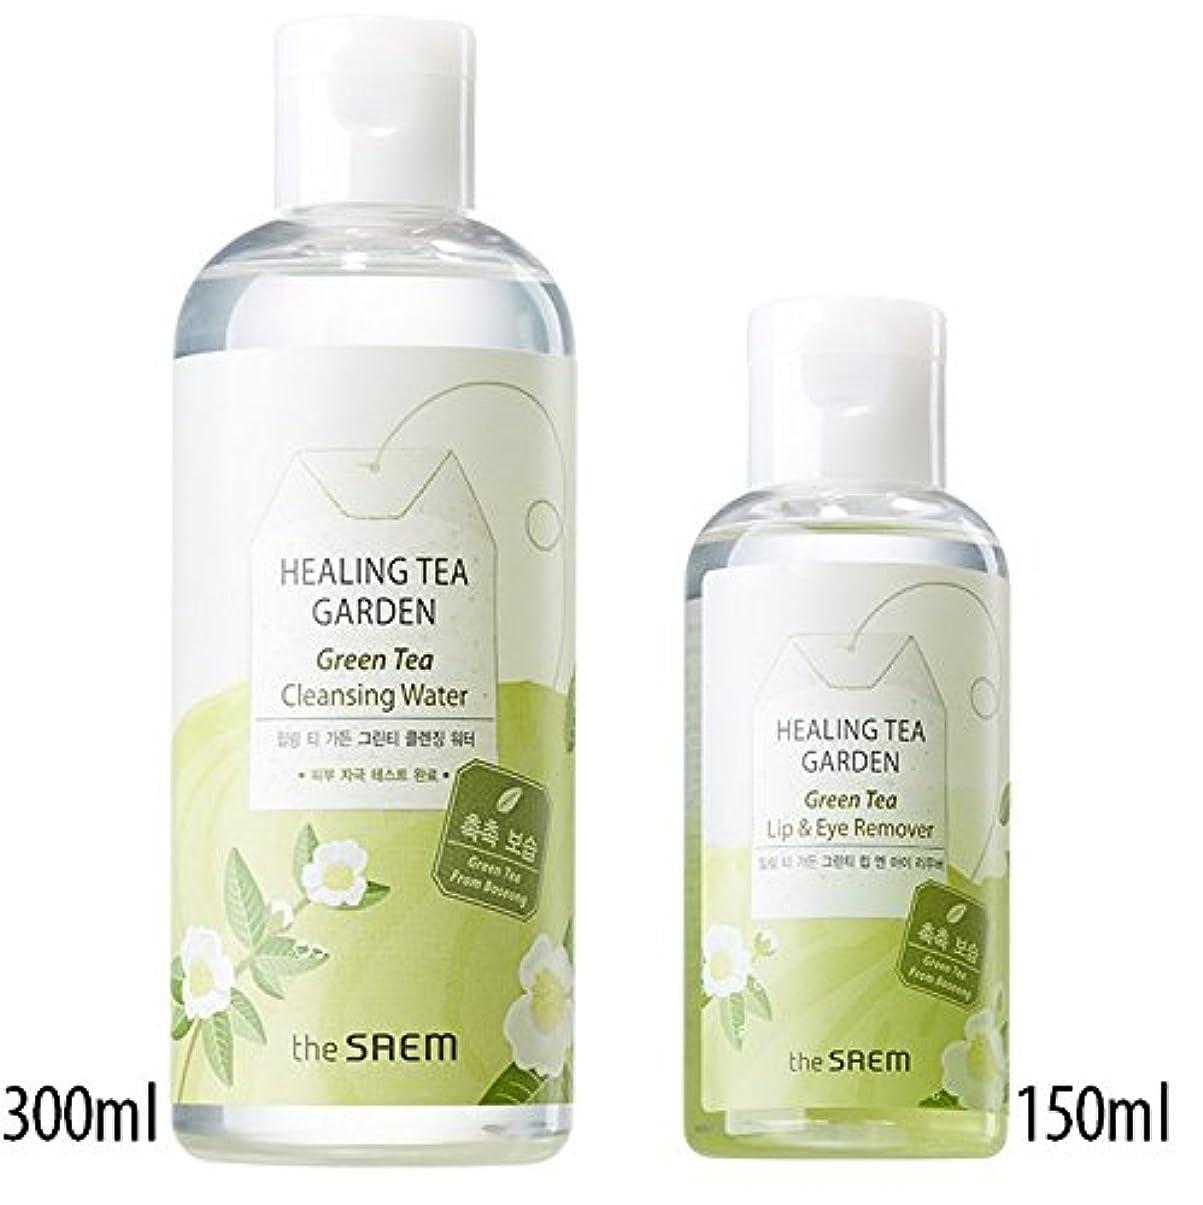 スポーツをするの量害[1+1] The Saem Green Tea (Lip & Eye Remover + Cleansing Water)ザセム ヒーリングティーガーデングリーンティーリップ&アイリムーバー+ ヒー クレンジングウォーター...